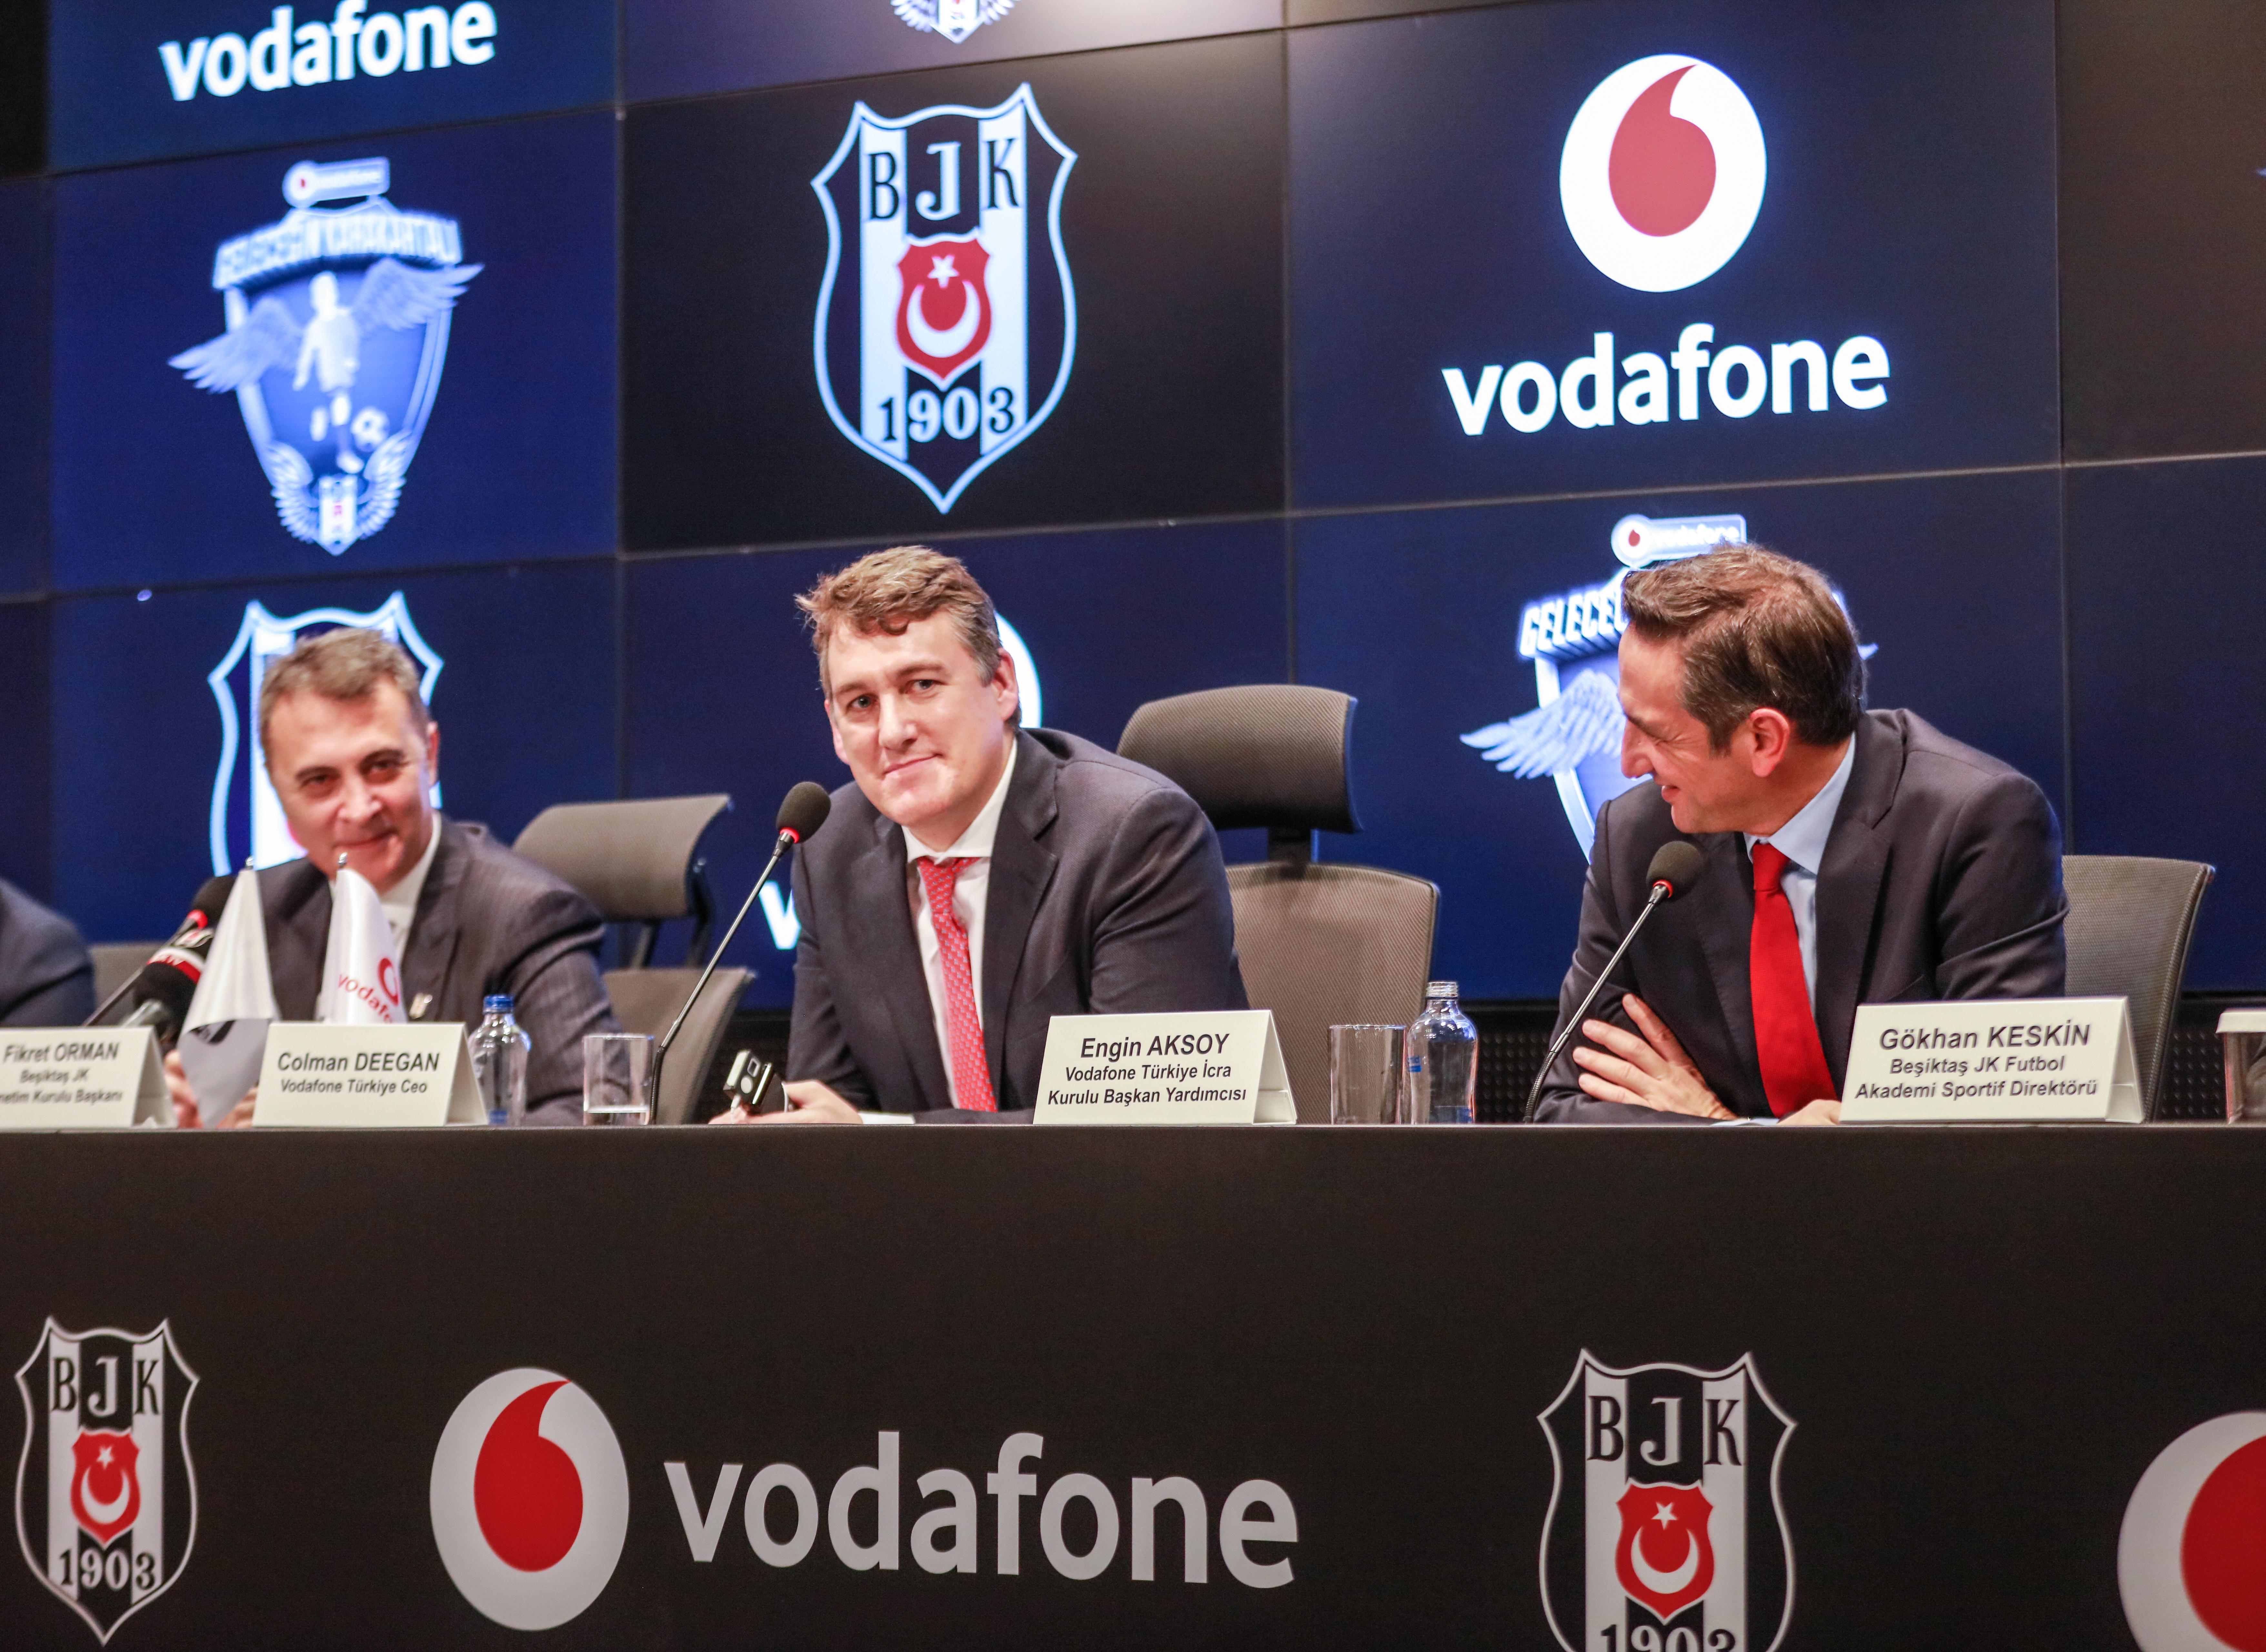 Vodafone Ve Beşiktaş, Türk Futboluna Genç Yetenekler Kazandıracak